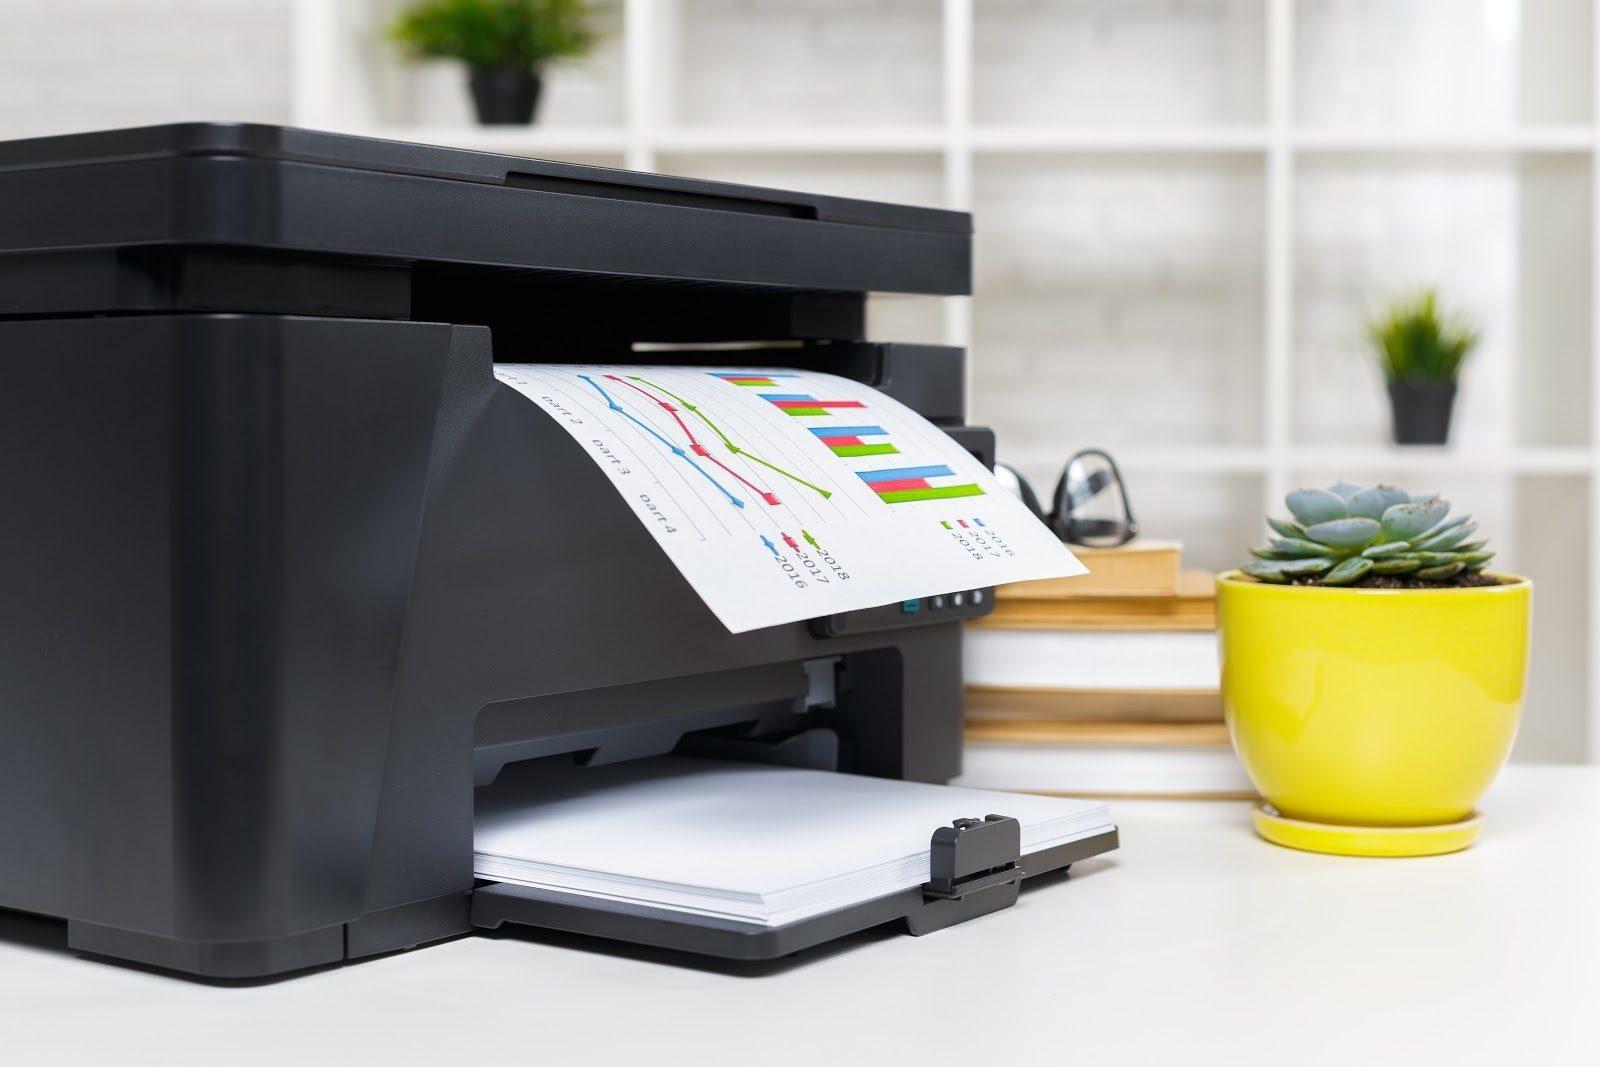 Best printer under $300